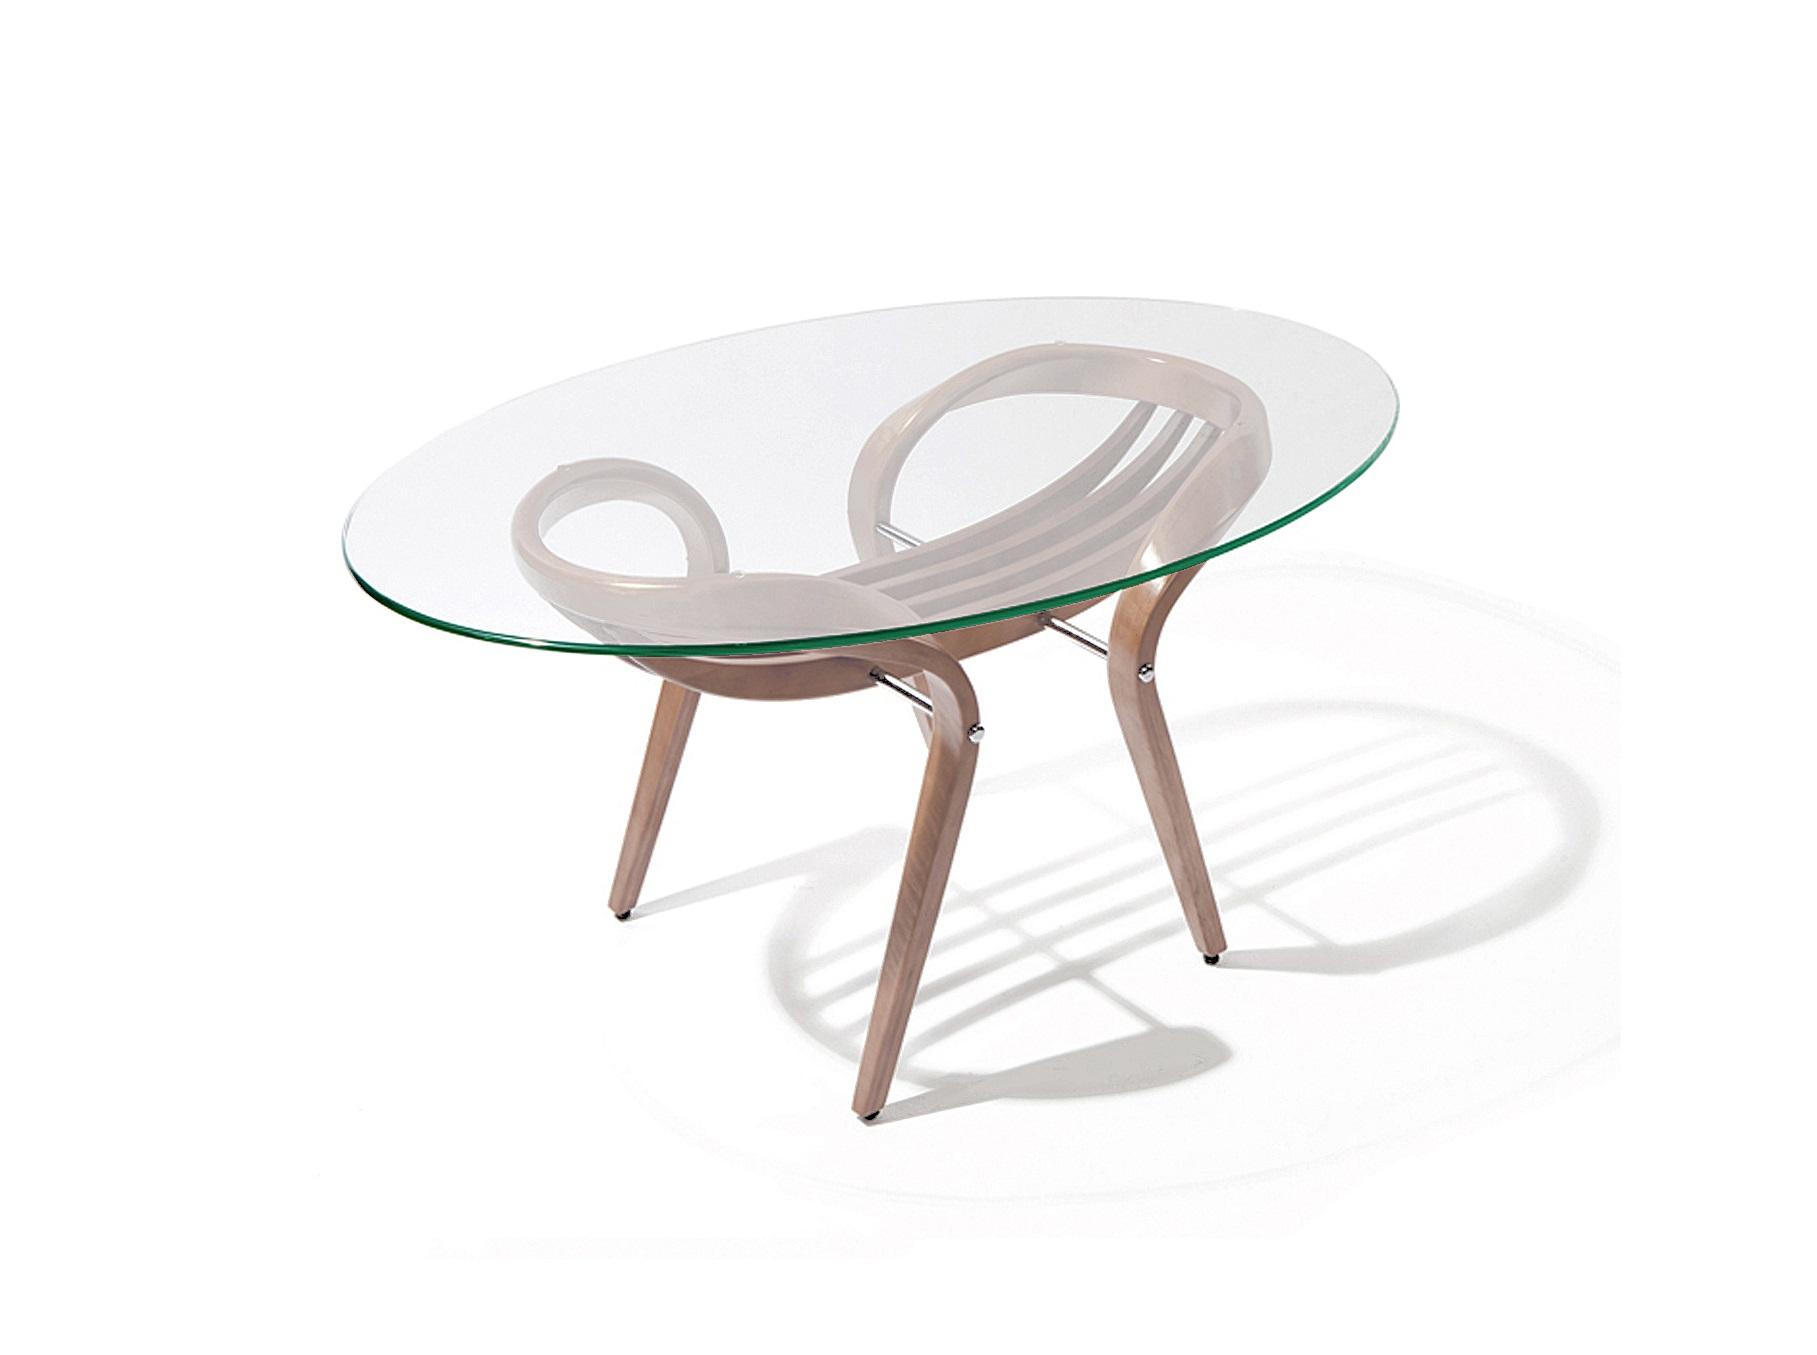 Стол журнальный Apriori VЖурнальные столики<br>&amp;lt;div&amp;gt;Дизайнерский стеклянный журнальный стол с основанием из натурального дерева.&amp;amp;nbsp;&amp;lt;/div&amp;gt;&amp;lt;div&amp;gt;&amp;lt;br&amp;gt;&amp;lt;/div&amp;gt;&amp;lt;div&amp;gt;Материал: натуральное дерево береза, цвет: 9т венге.&amp;lt;/div&amp;gt;<br><br>Material: Береза<br>Length см: None<br>Width см: 100<br>Depth см: 60<br>Height см: 60<br>Diameter см: None